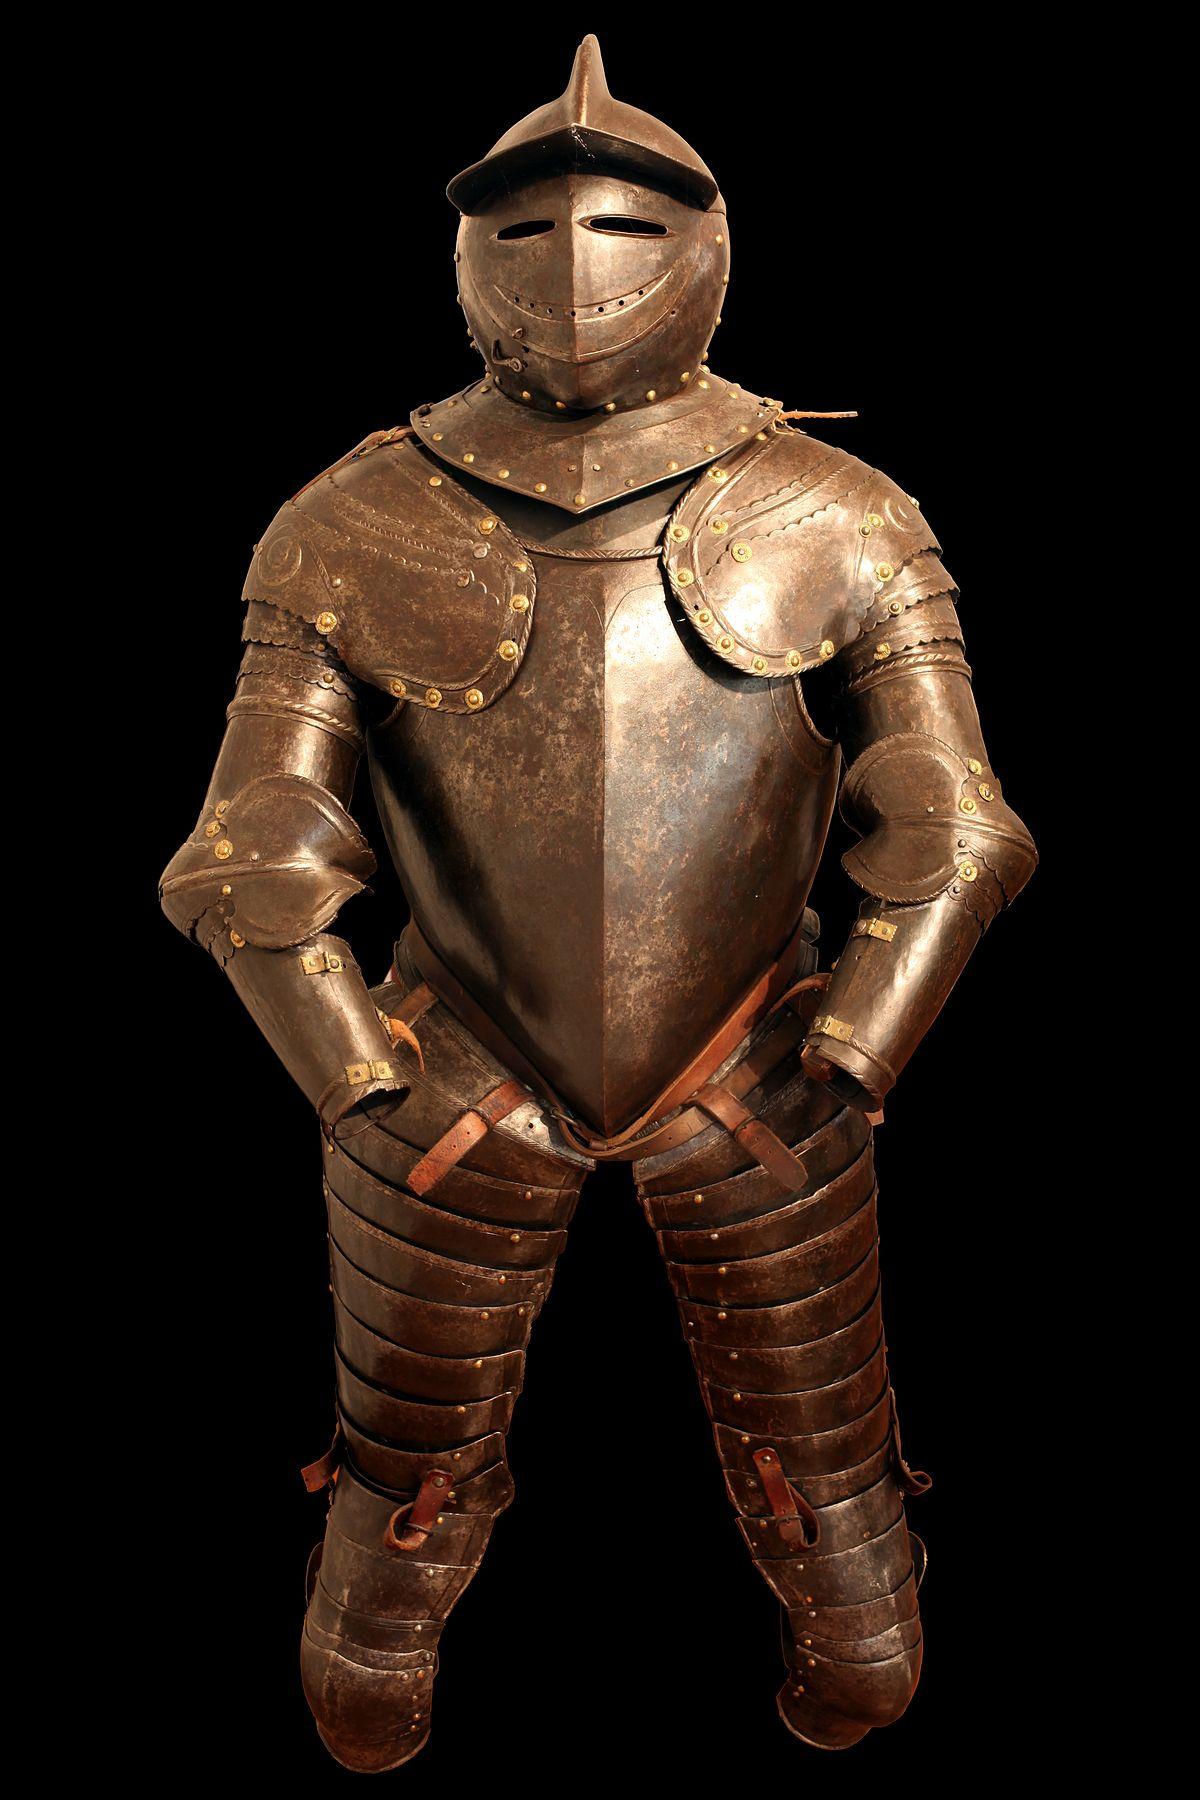 Munition armour wikipedia - Armatura dell immagine del dio ...